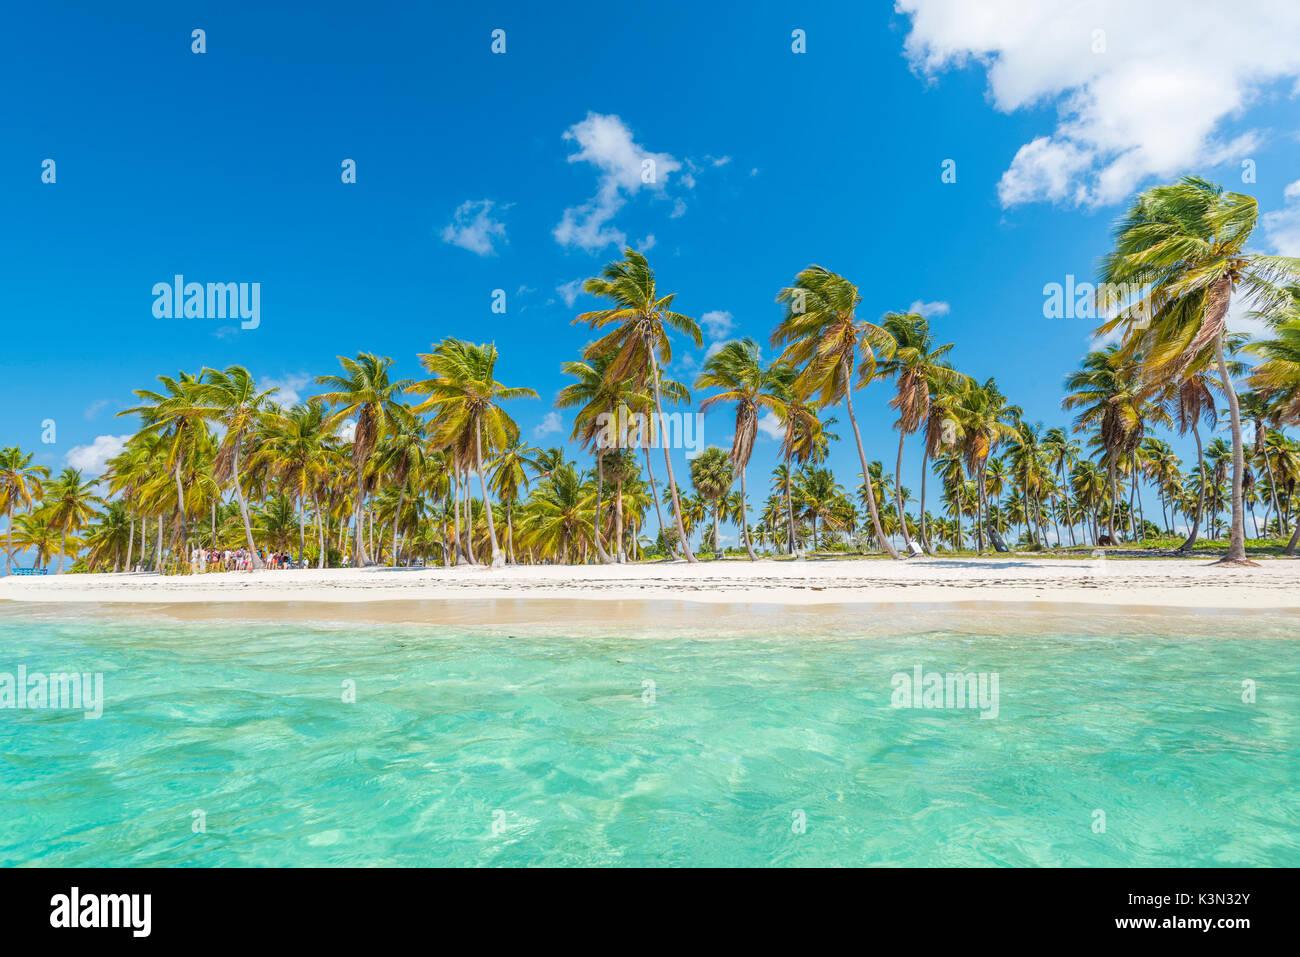 Canto de la Playa, Saona Island, Parco Nazionale Orientale (Parque Nacional del Este), Repubblica Dominicana, Mar dei Caraibi. Immagini Stock